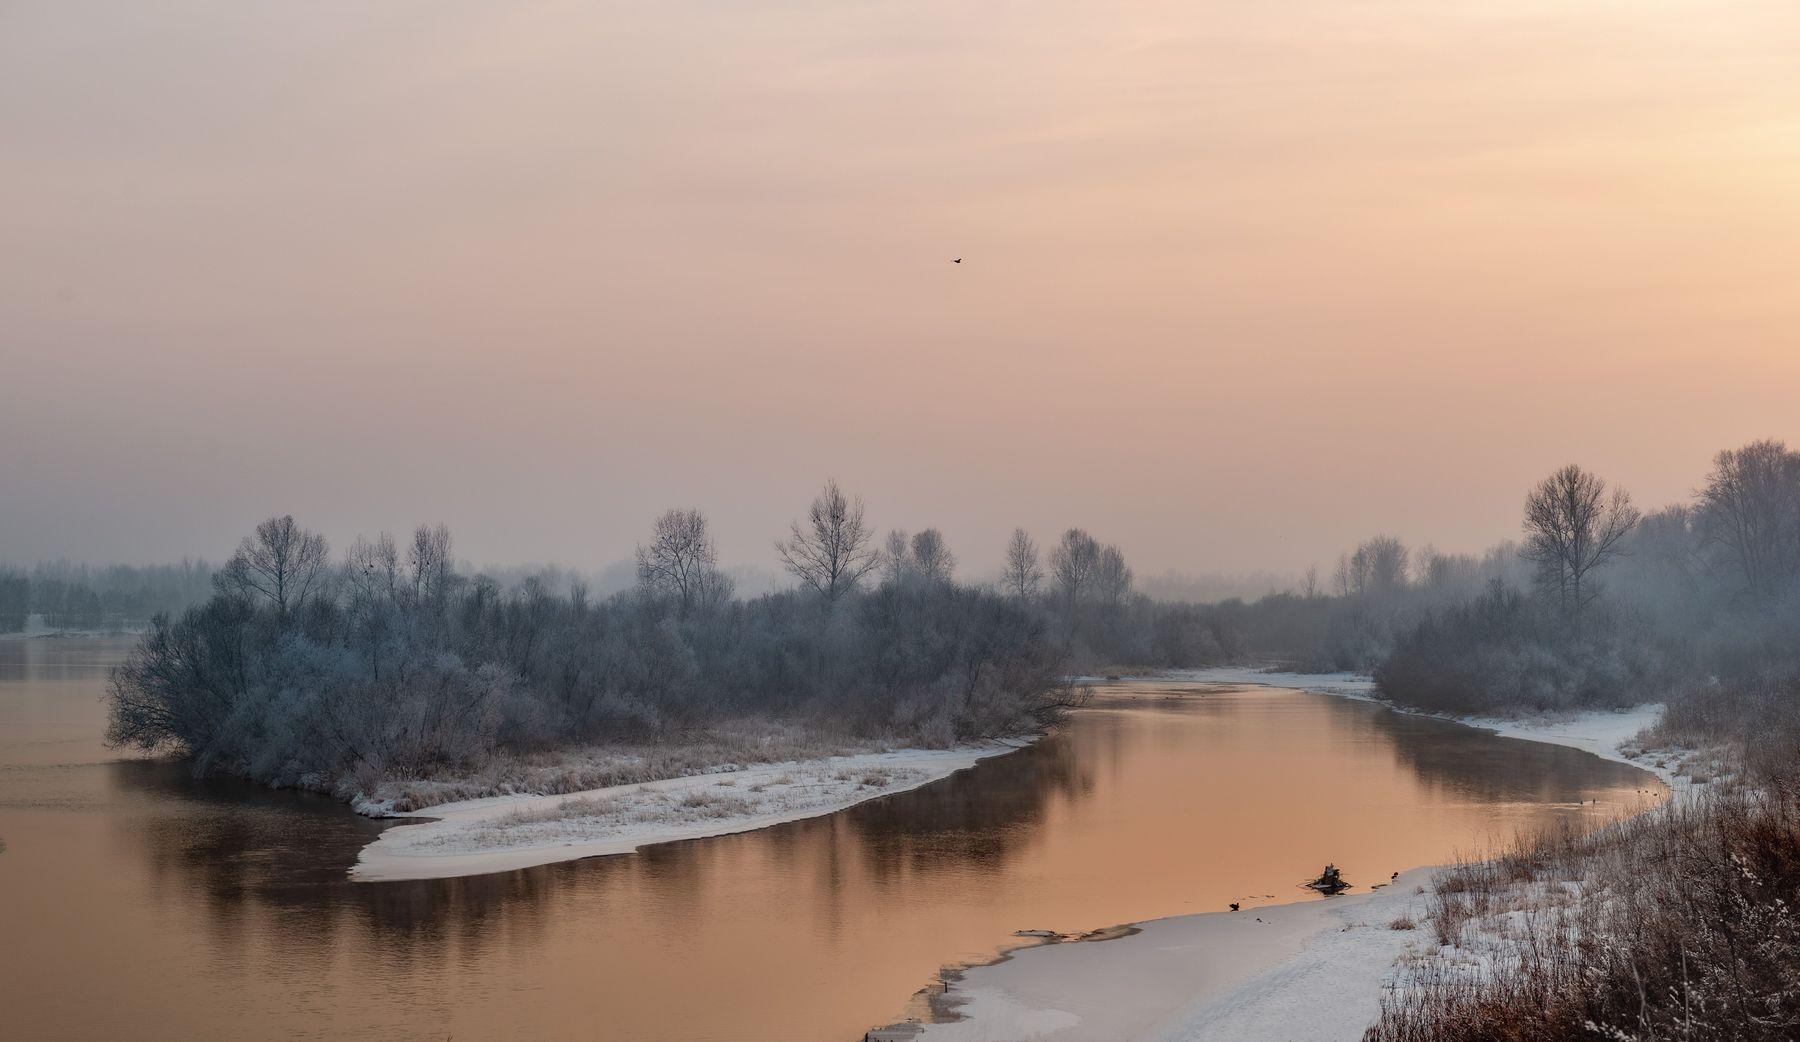 Тихий вечер. Река закатное небо остров